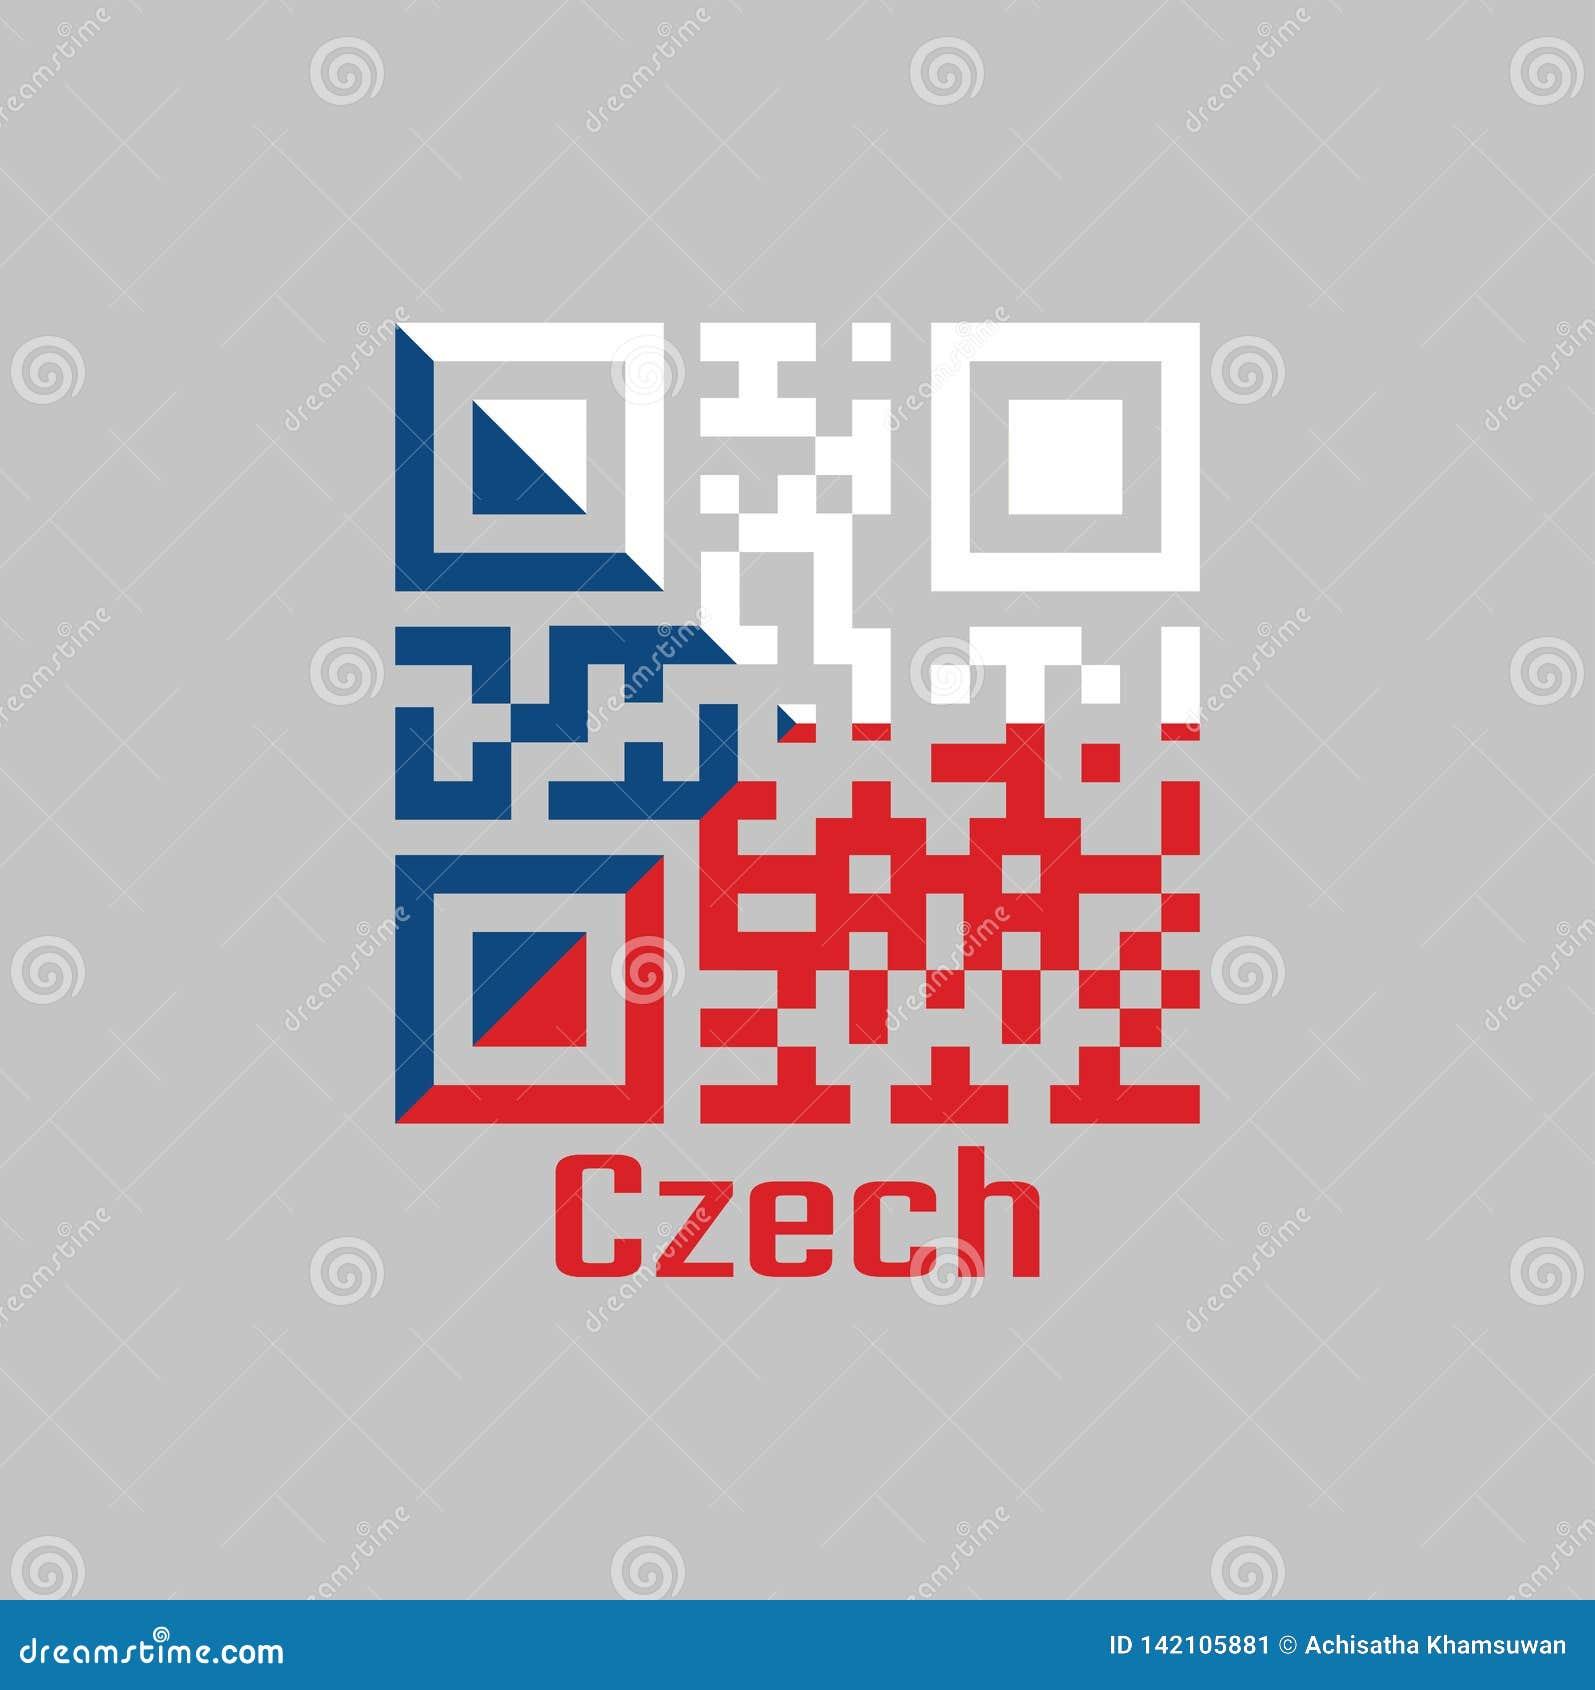 Набор кода QR цвет чехословакского флага 2 равных горизонтальных диапазона белые верхнего и красный с голубым основанием равнобед